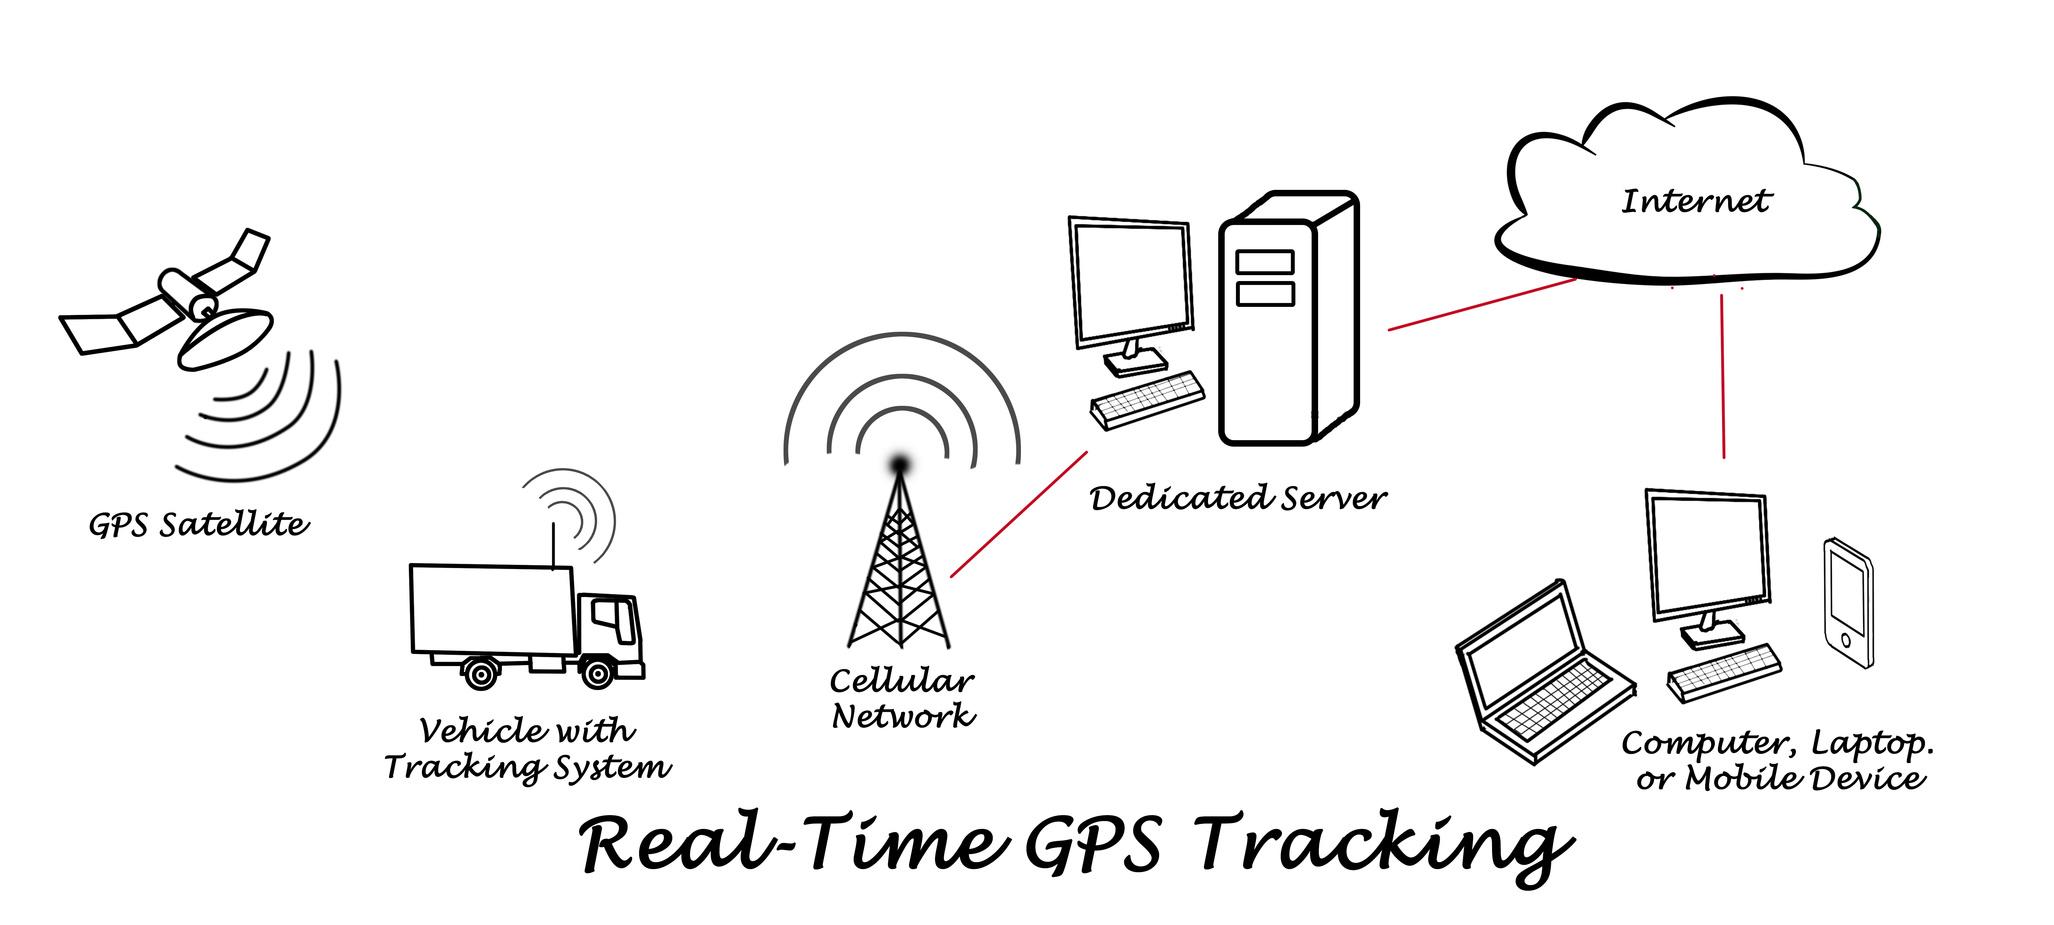 GPSを取り付ける。